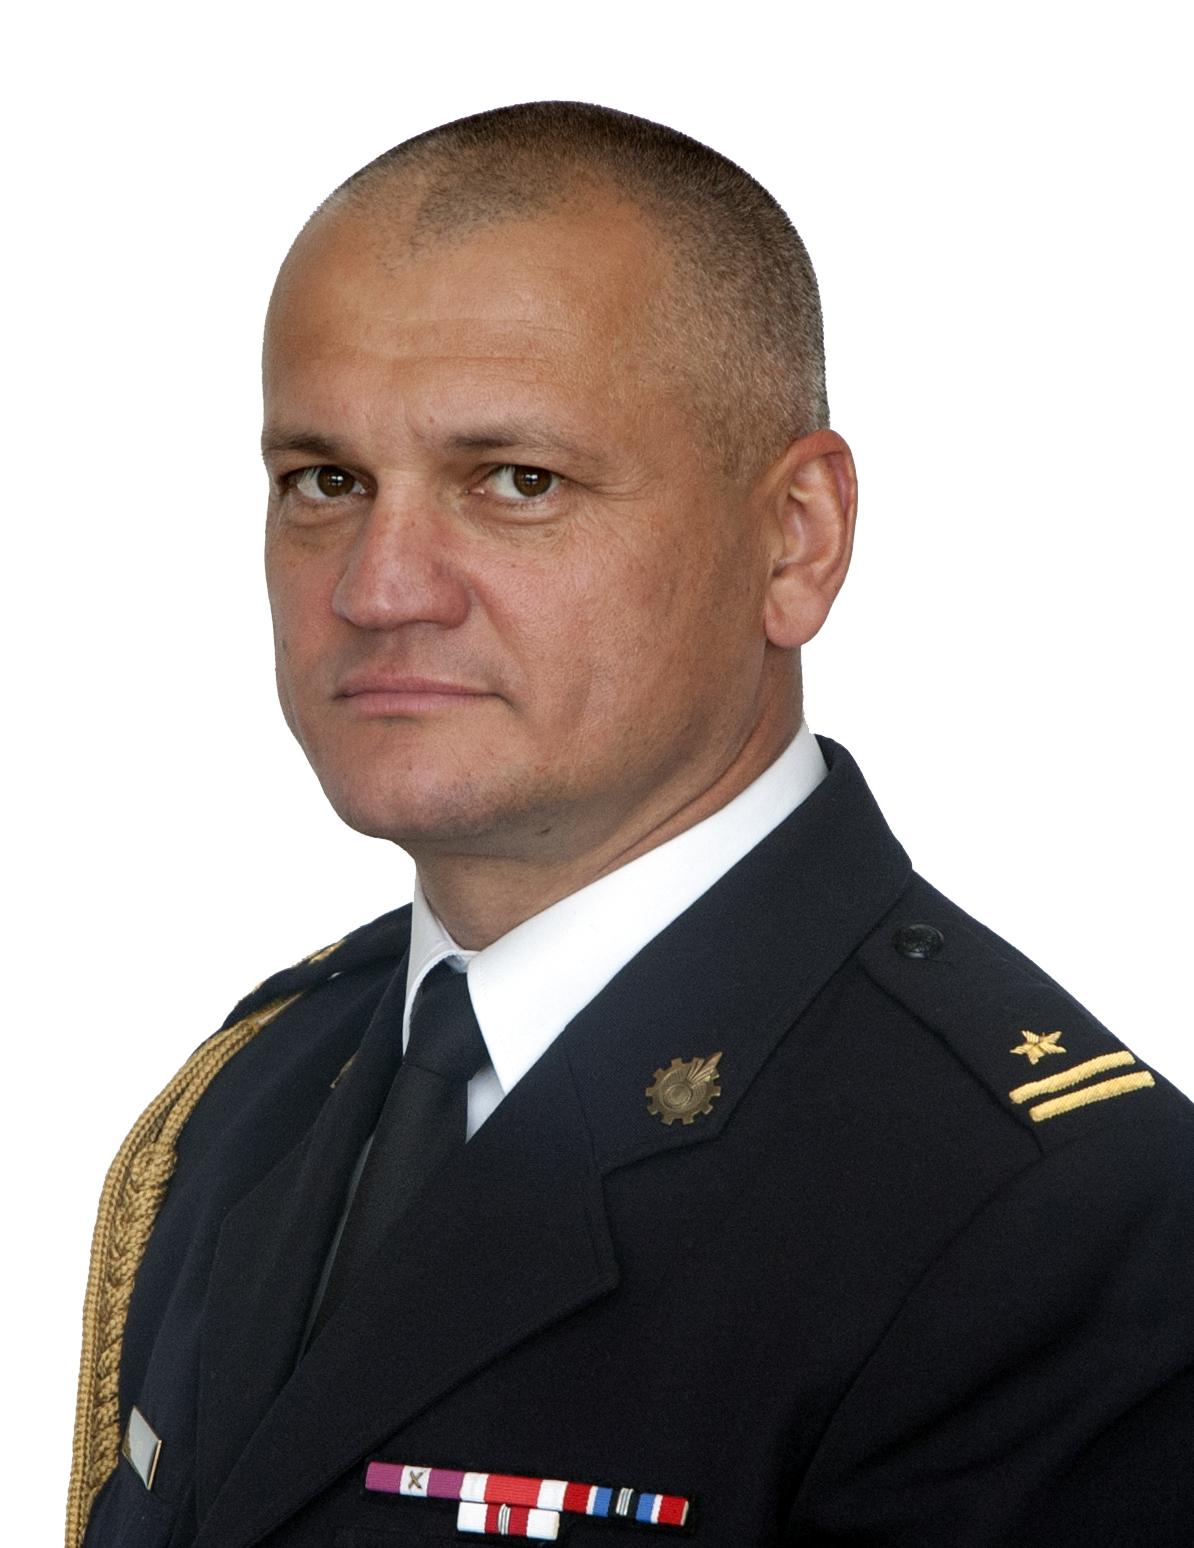 Mł. bryg. Jacek Nita został powołany na stanowisko szefa kolbuszowskich strażaków - Zdjęcie główne